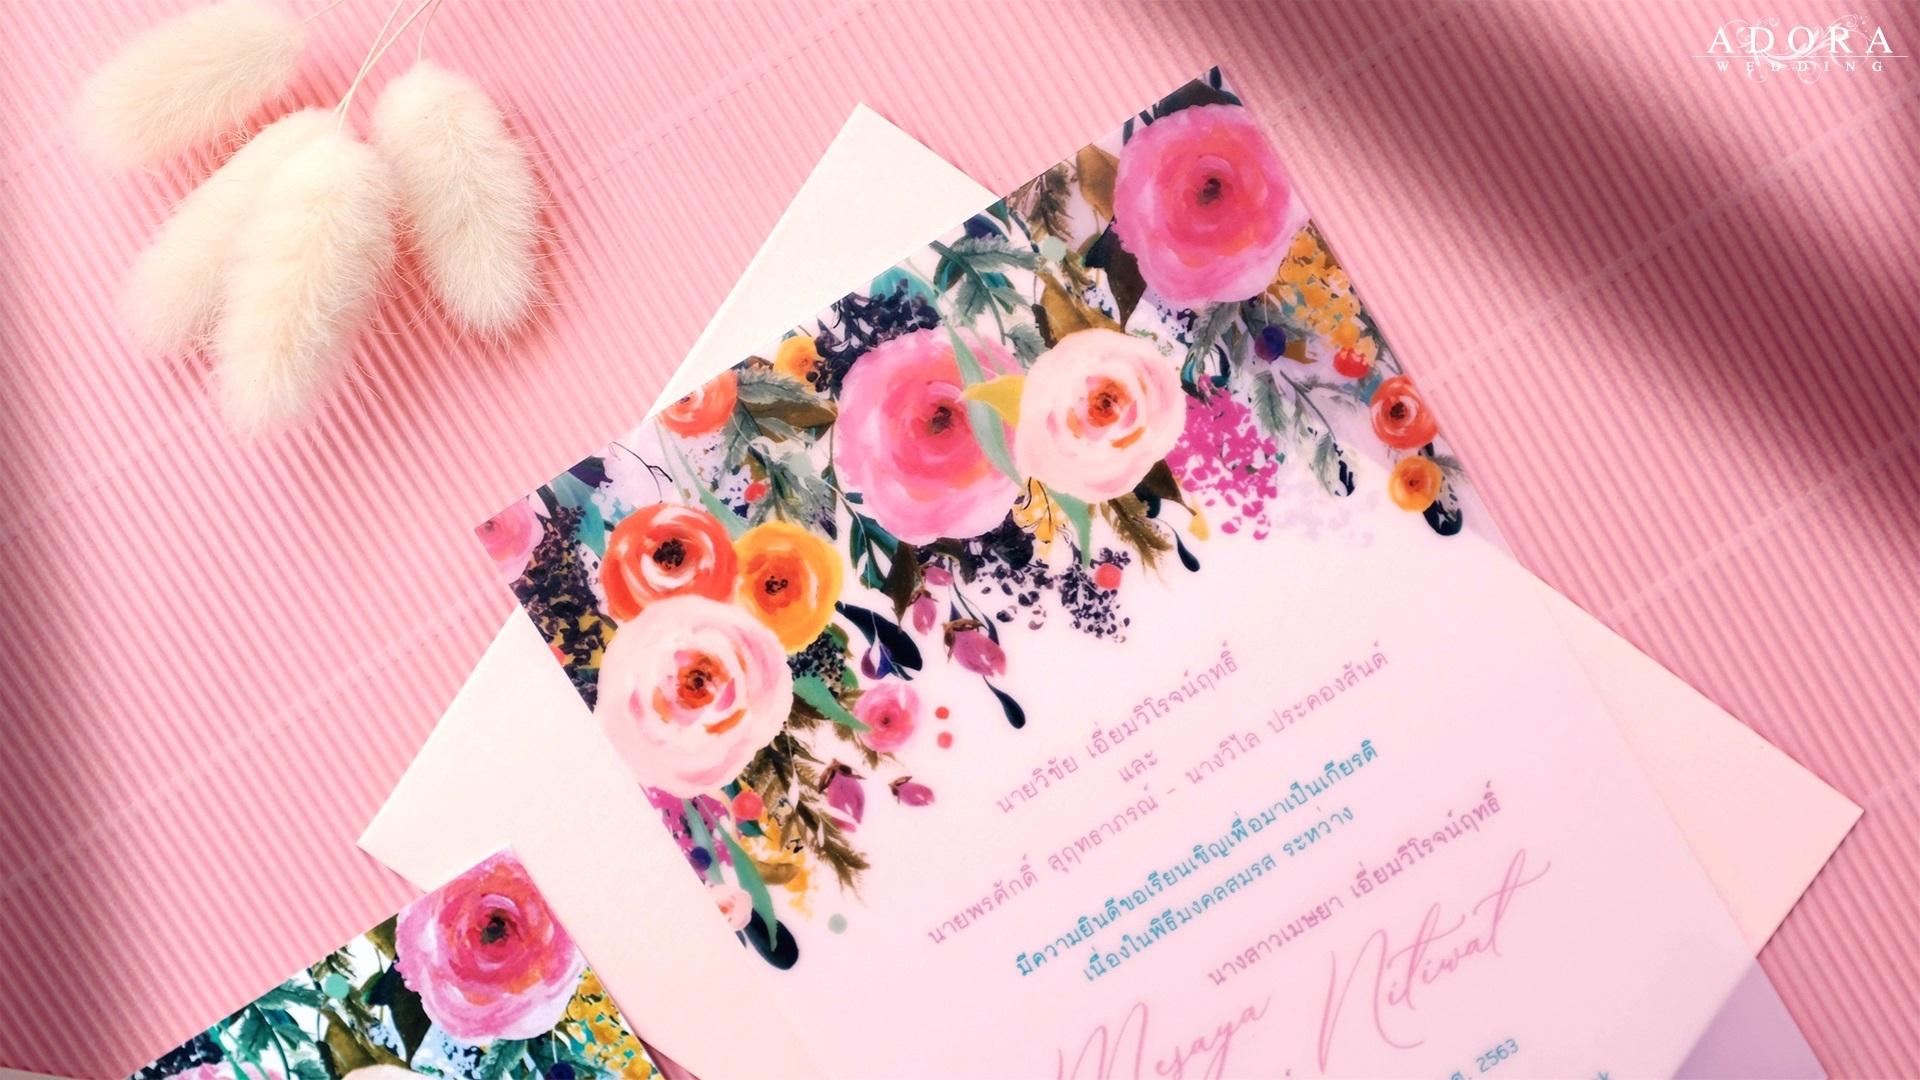 B133LM-wedding-card-2